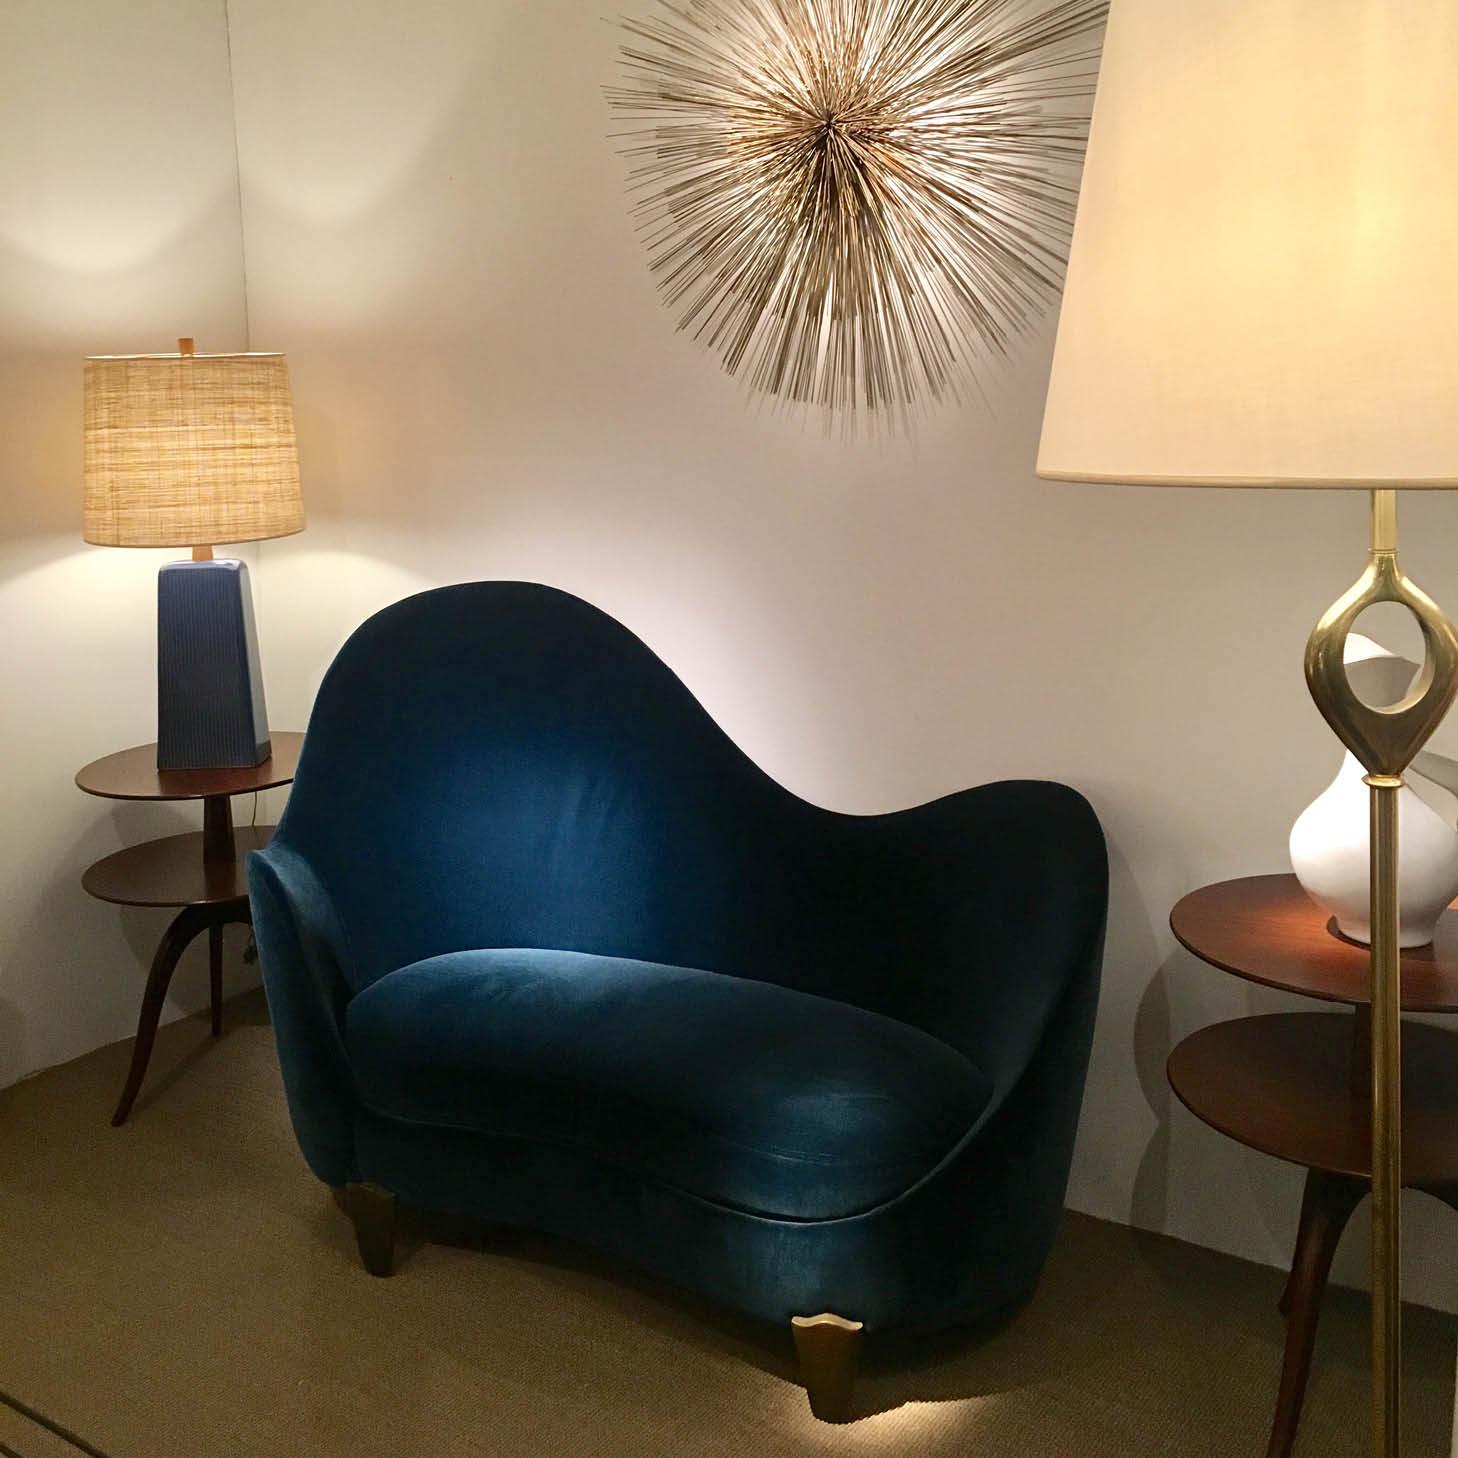 Curvy3 Garouste & Bonetti's Koala sofa